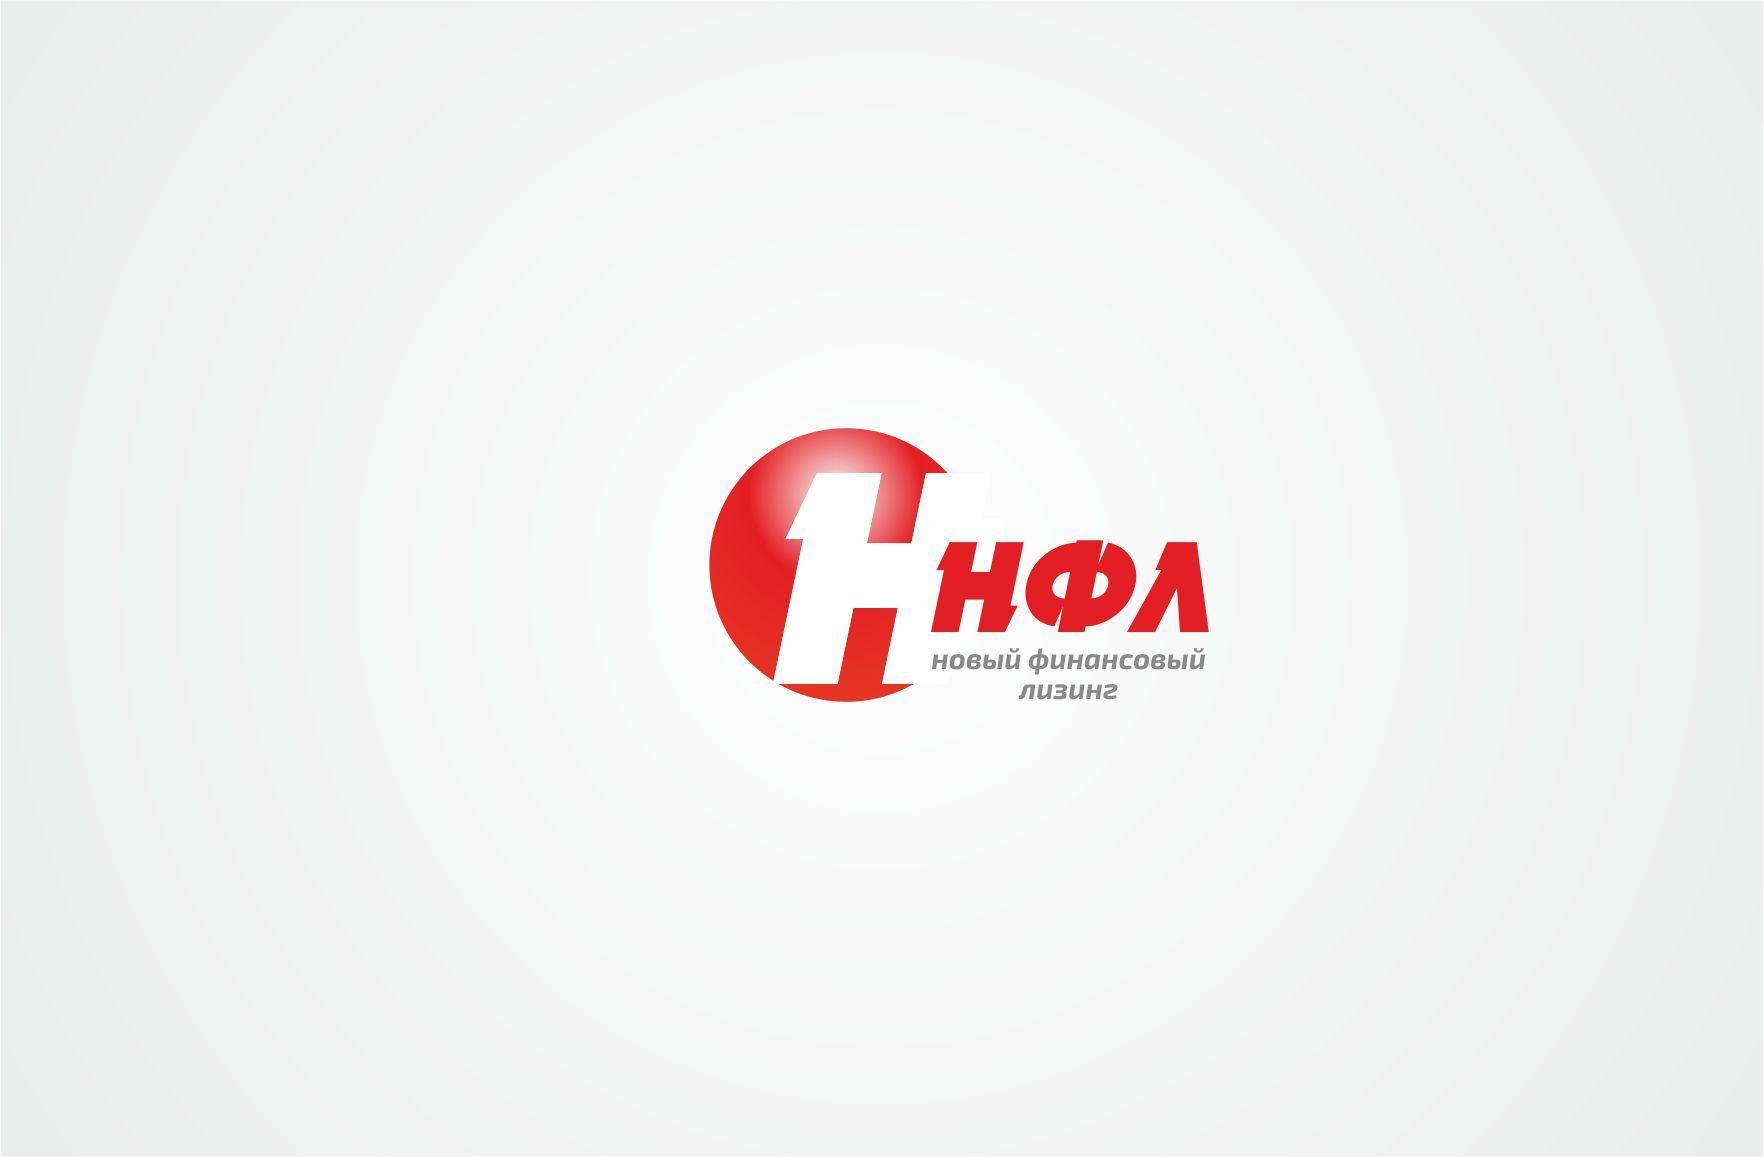 Фирменный стиль для лизинговой компании - дизайнер studia180